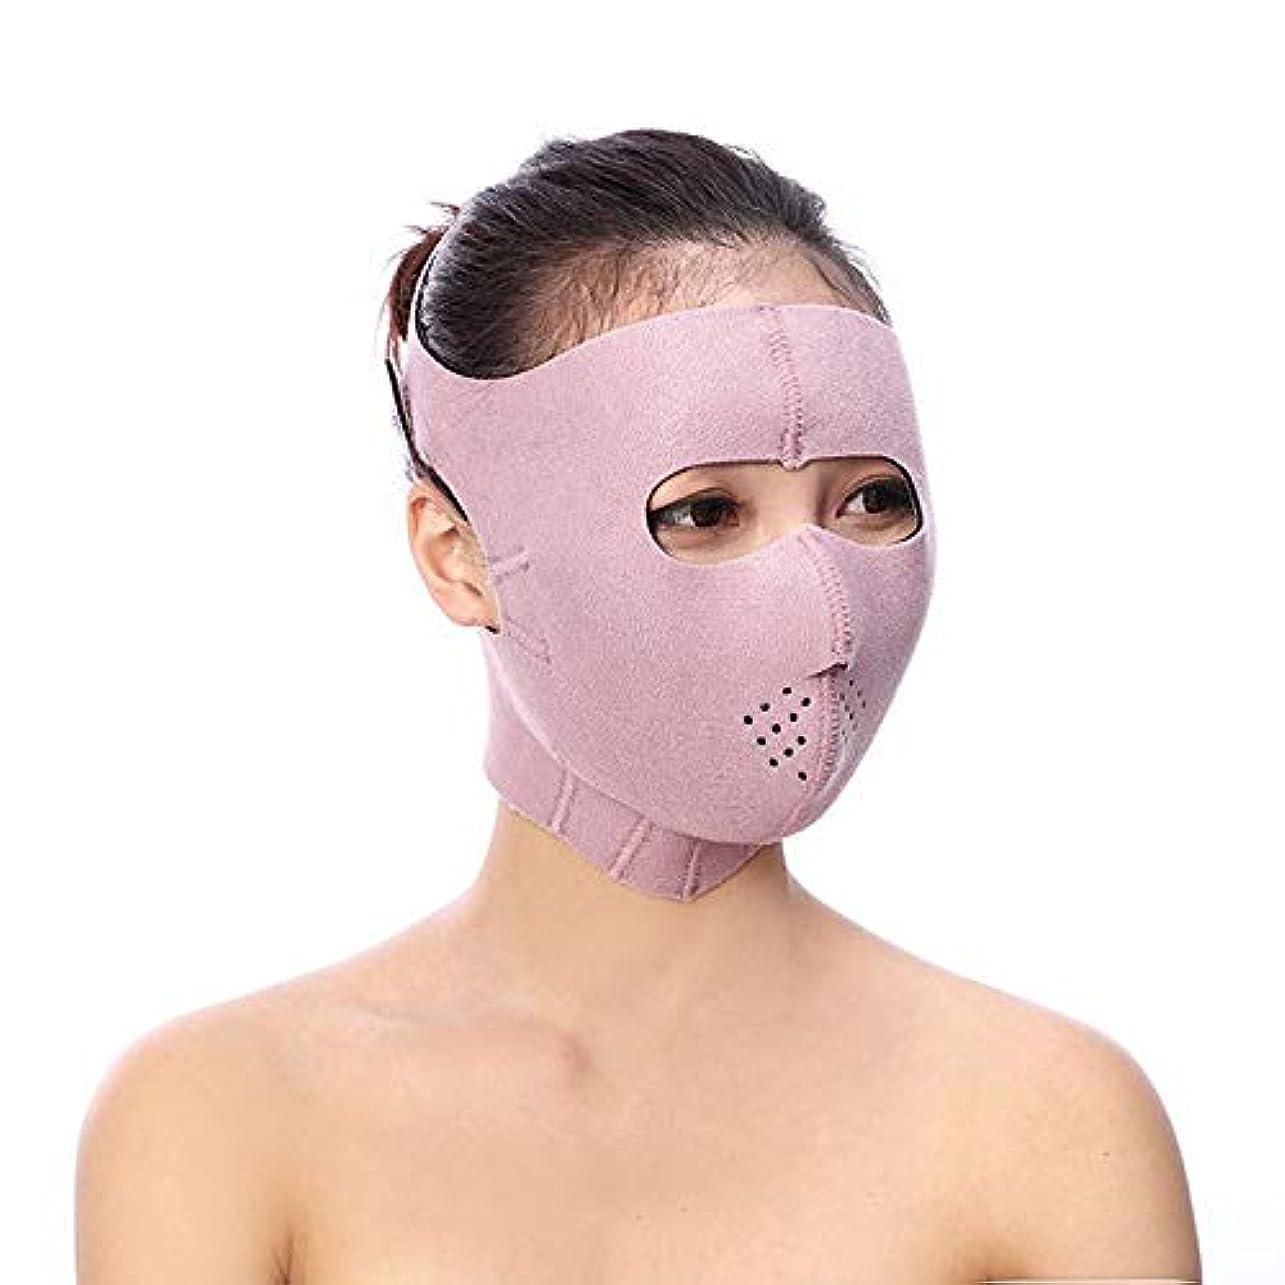 読みやすいプレゼンター偽造GYZ フェイシャルリフティング痩身ベルト - Vフェイス包帯マスクフェイシャルマッサージャー無料の薄いフェイス包帯整形マスクを引き締める顔と首の顔スリム Thin Face Belt